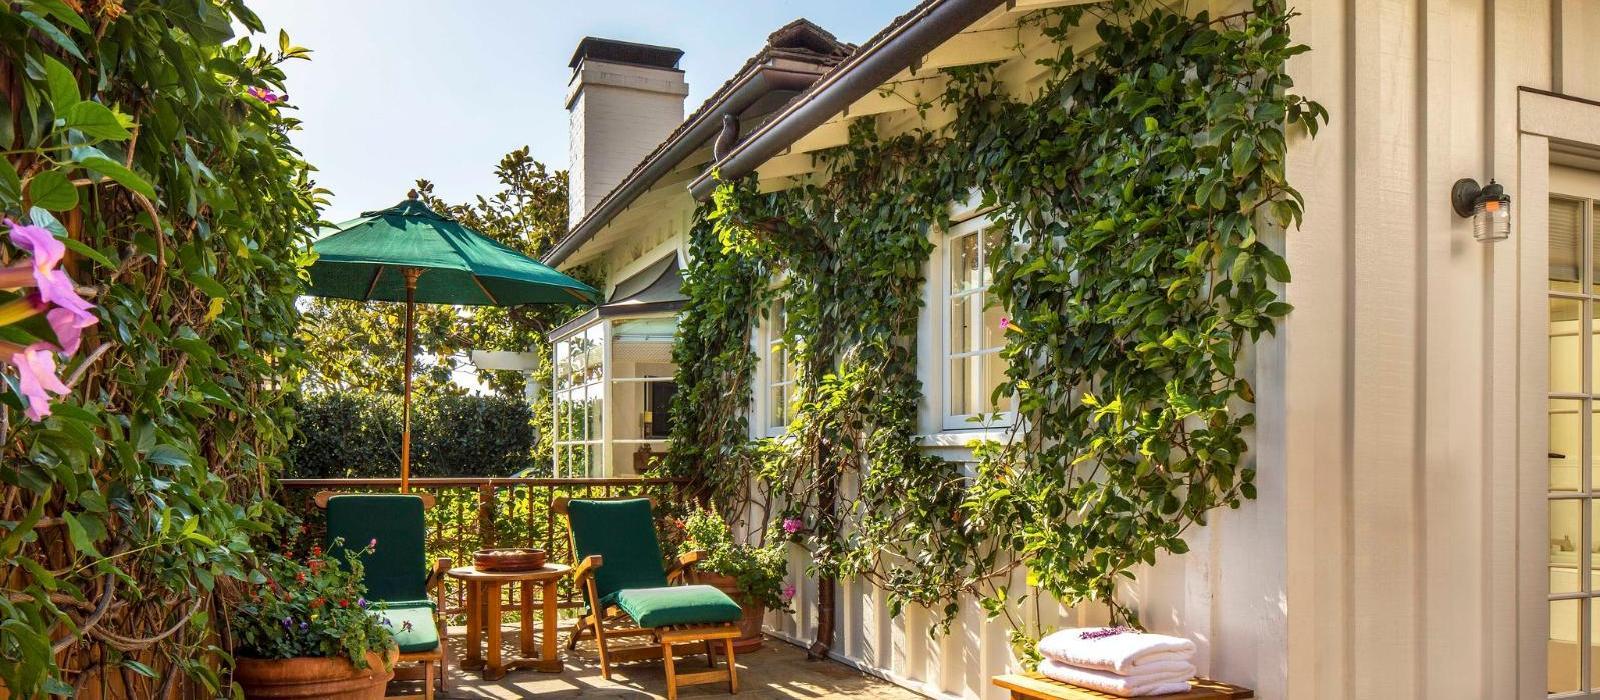 圣思多罗花园度假酒店(San Ysidro Ranch) 图片  www.lhw.cn